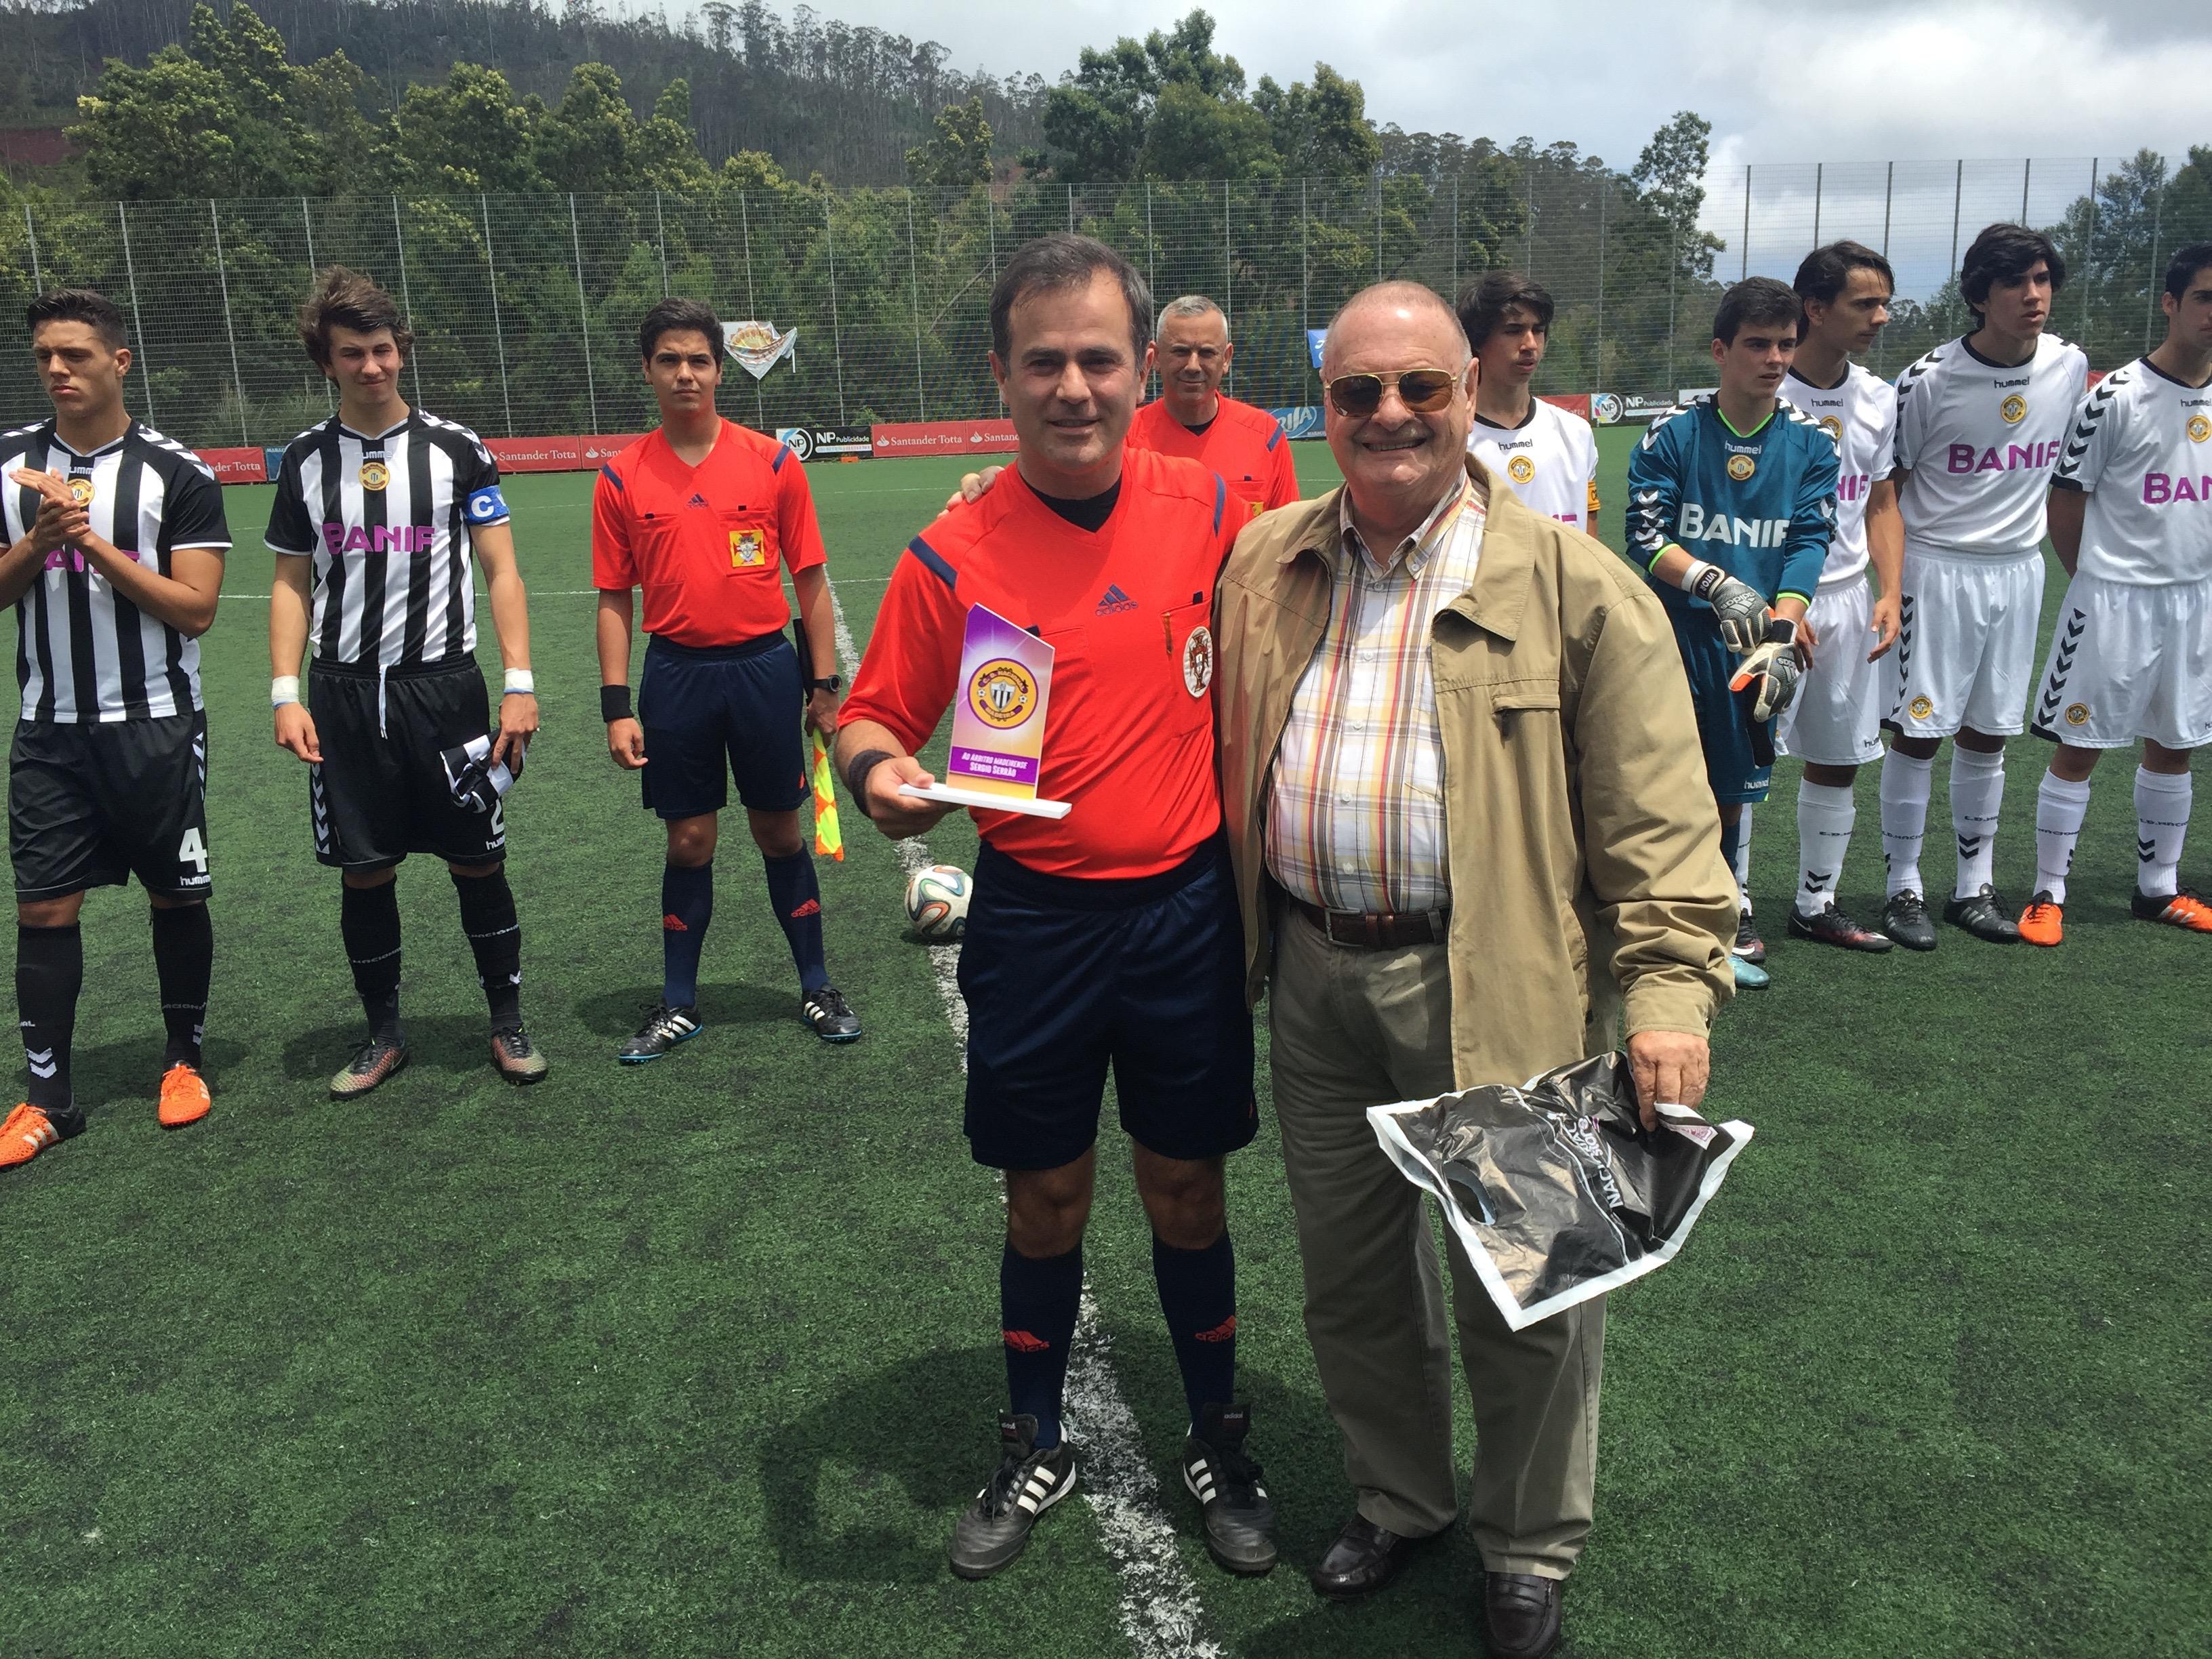 Feirense: Clube Desportivo Nacional Sérgio Serrão Homenageado No